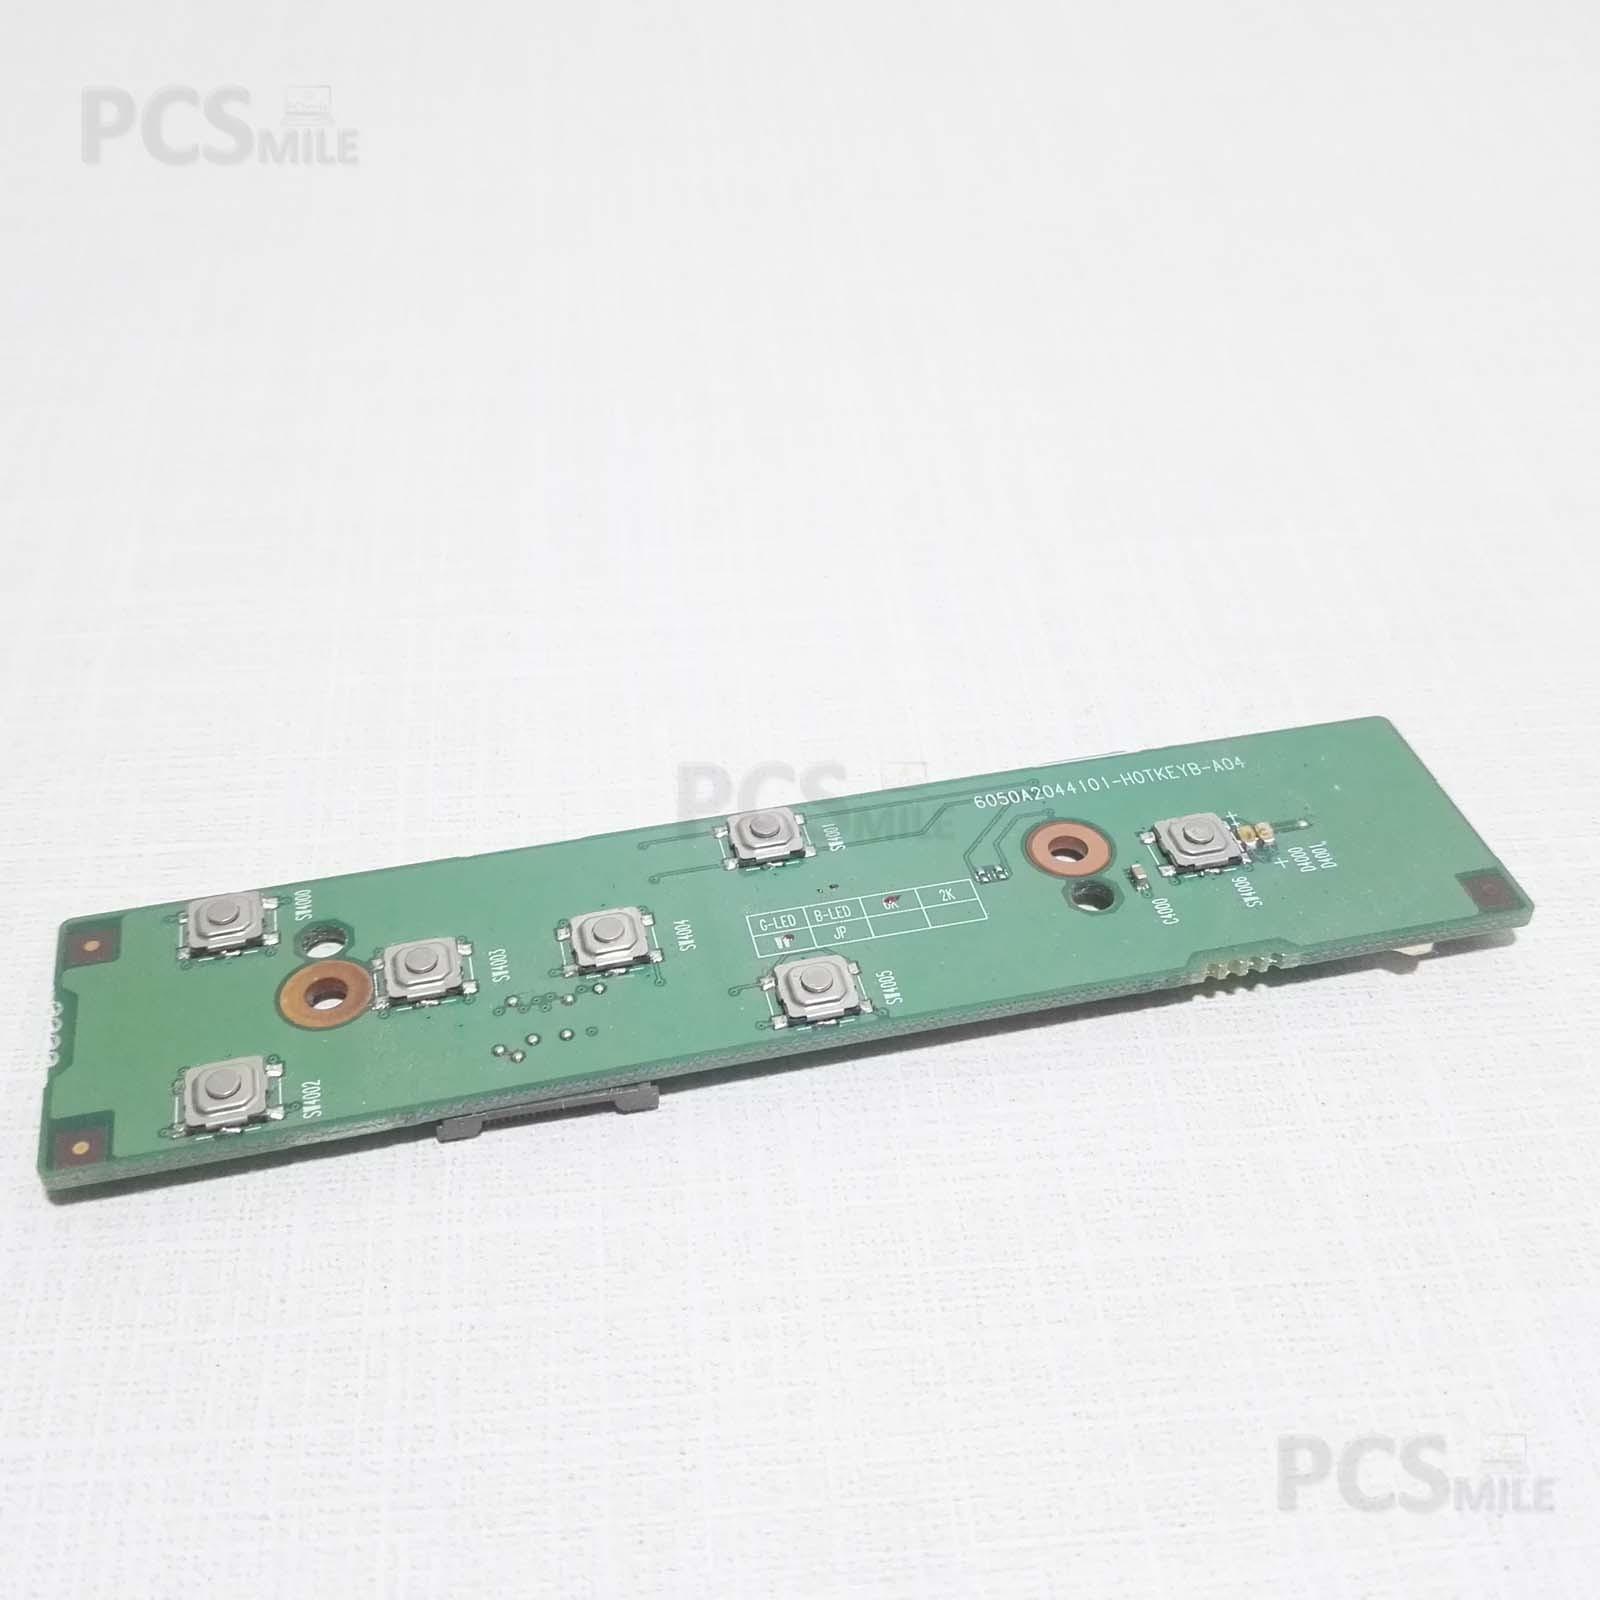 Power button Toshiba Satellite A100 6050A2045301-TOUCHB-A-A03 tasto power